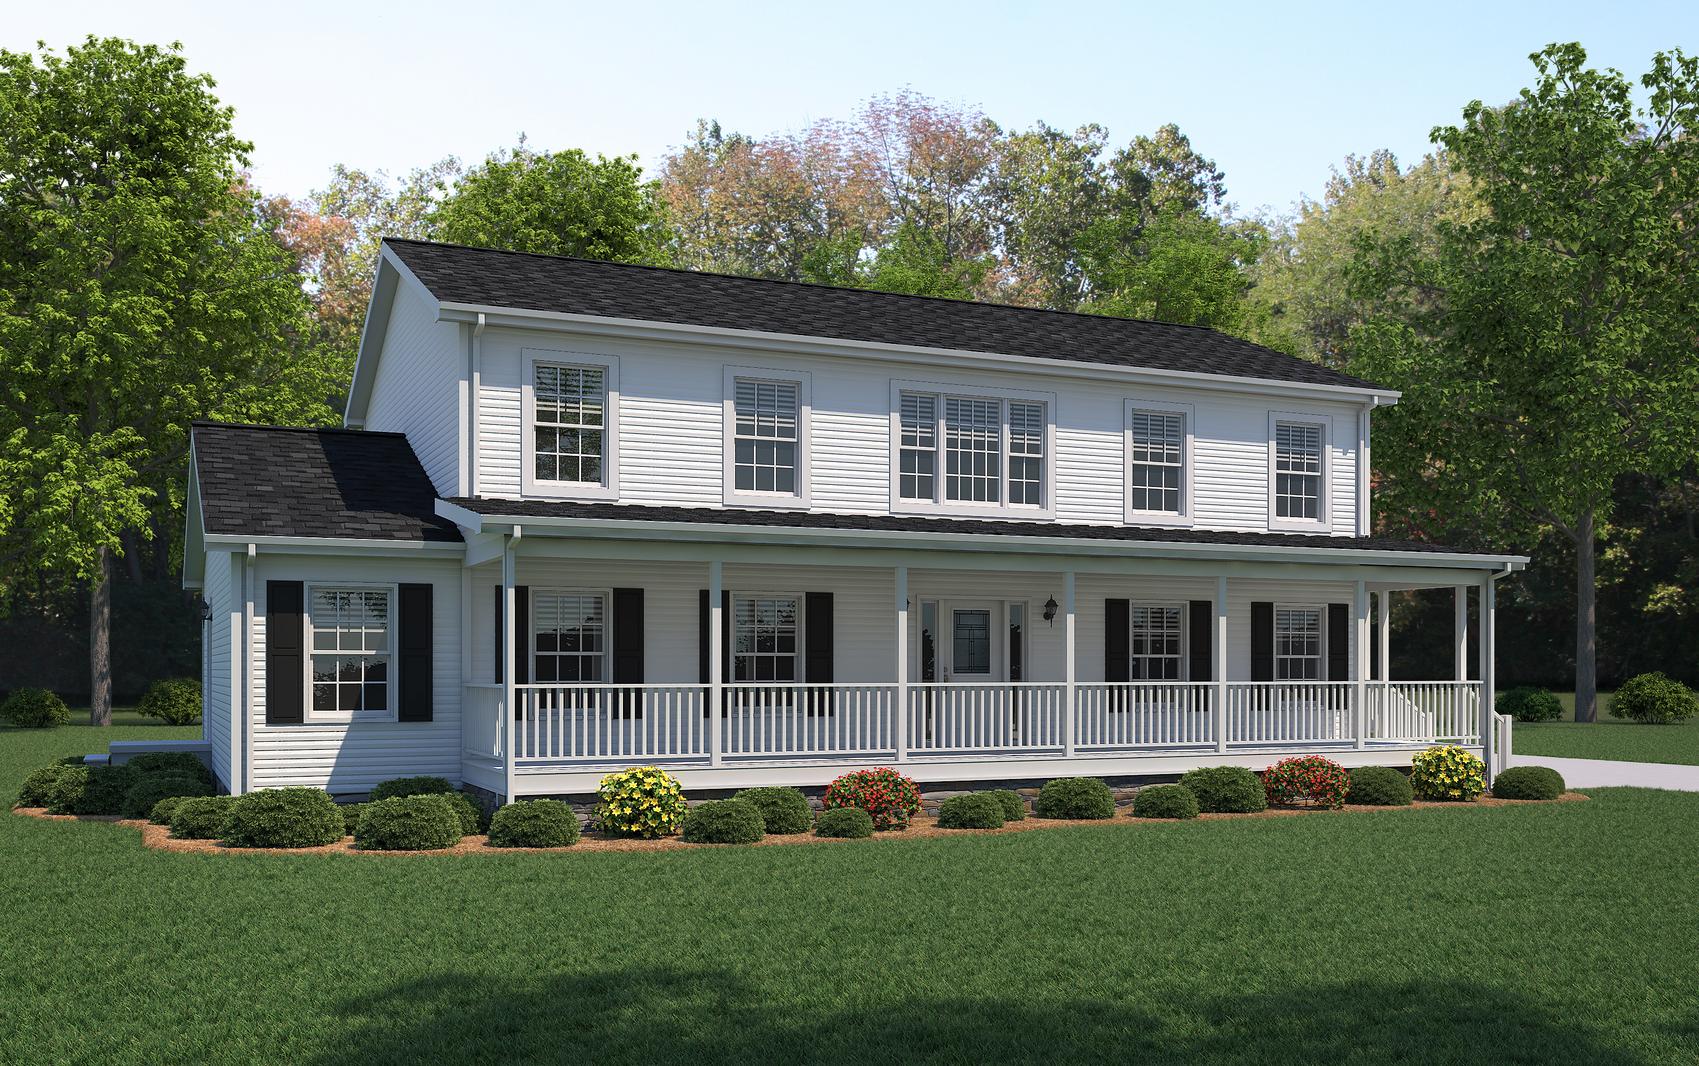 Barskdale home rendering